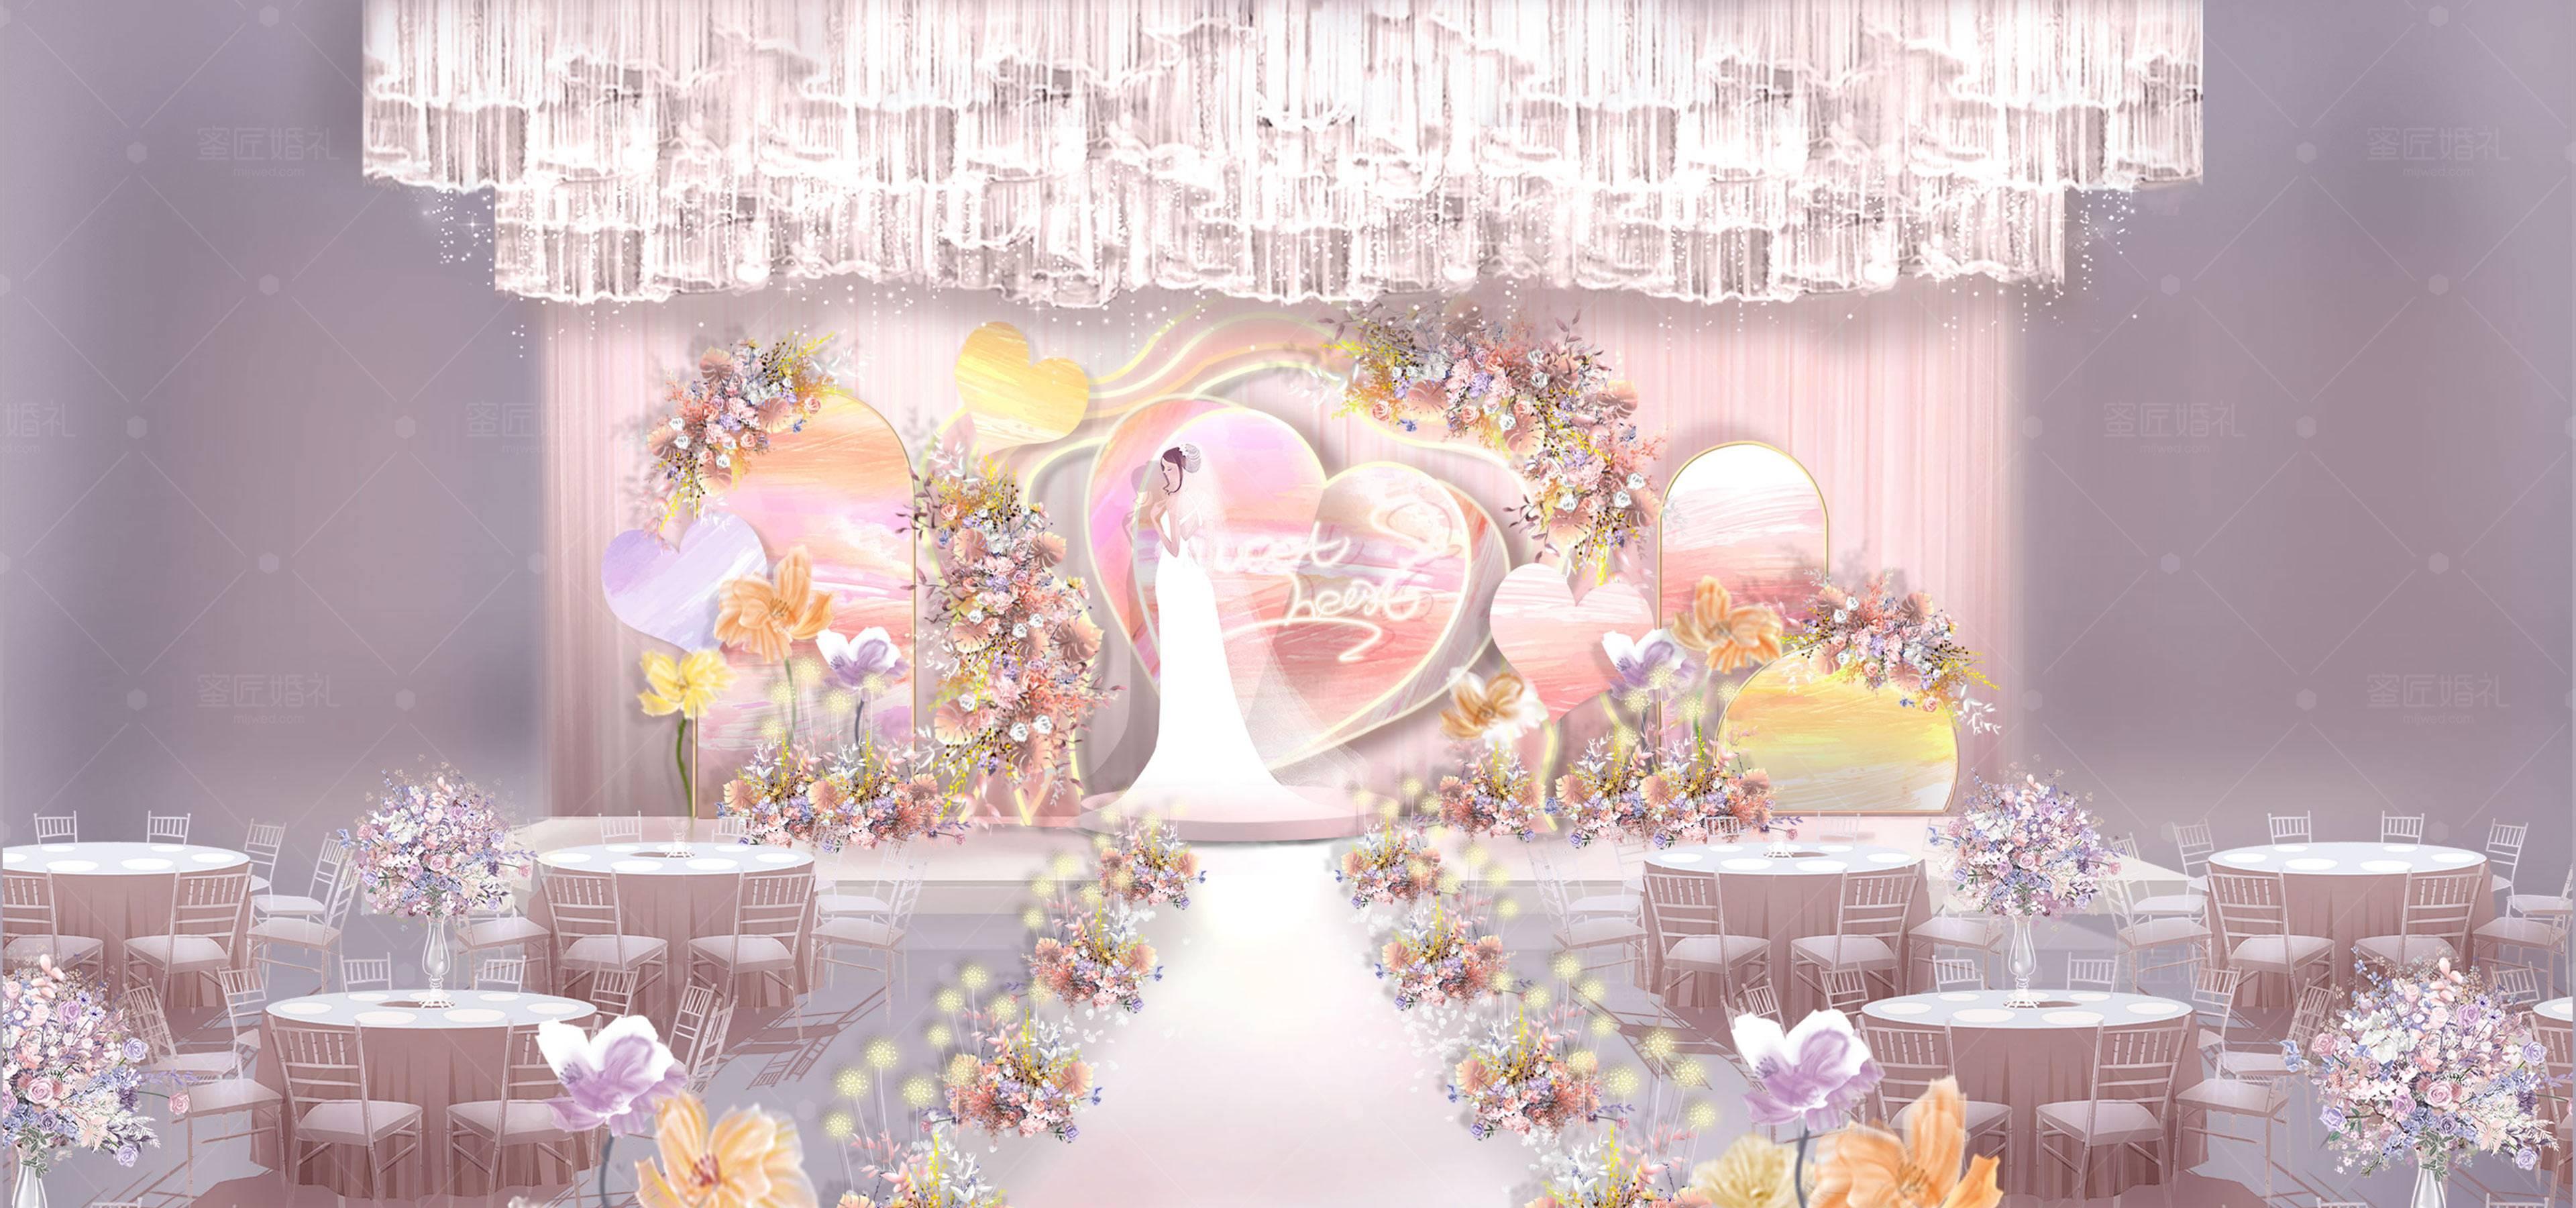 桂阳县婚礼策划方案:甜心1